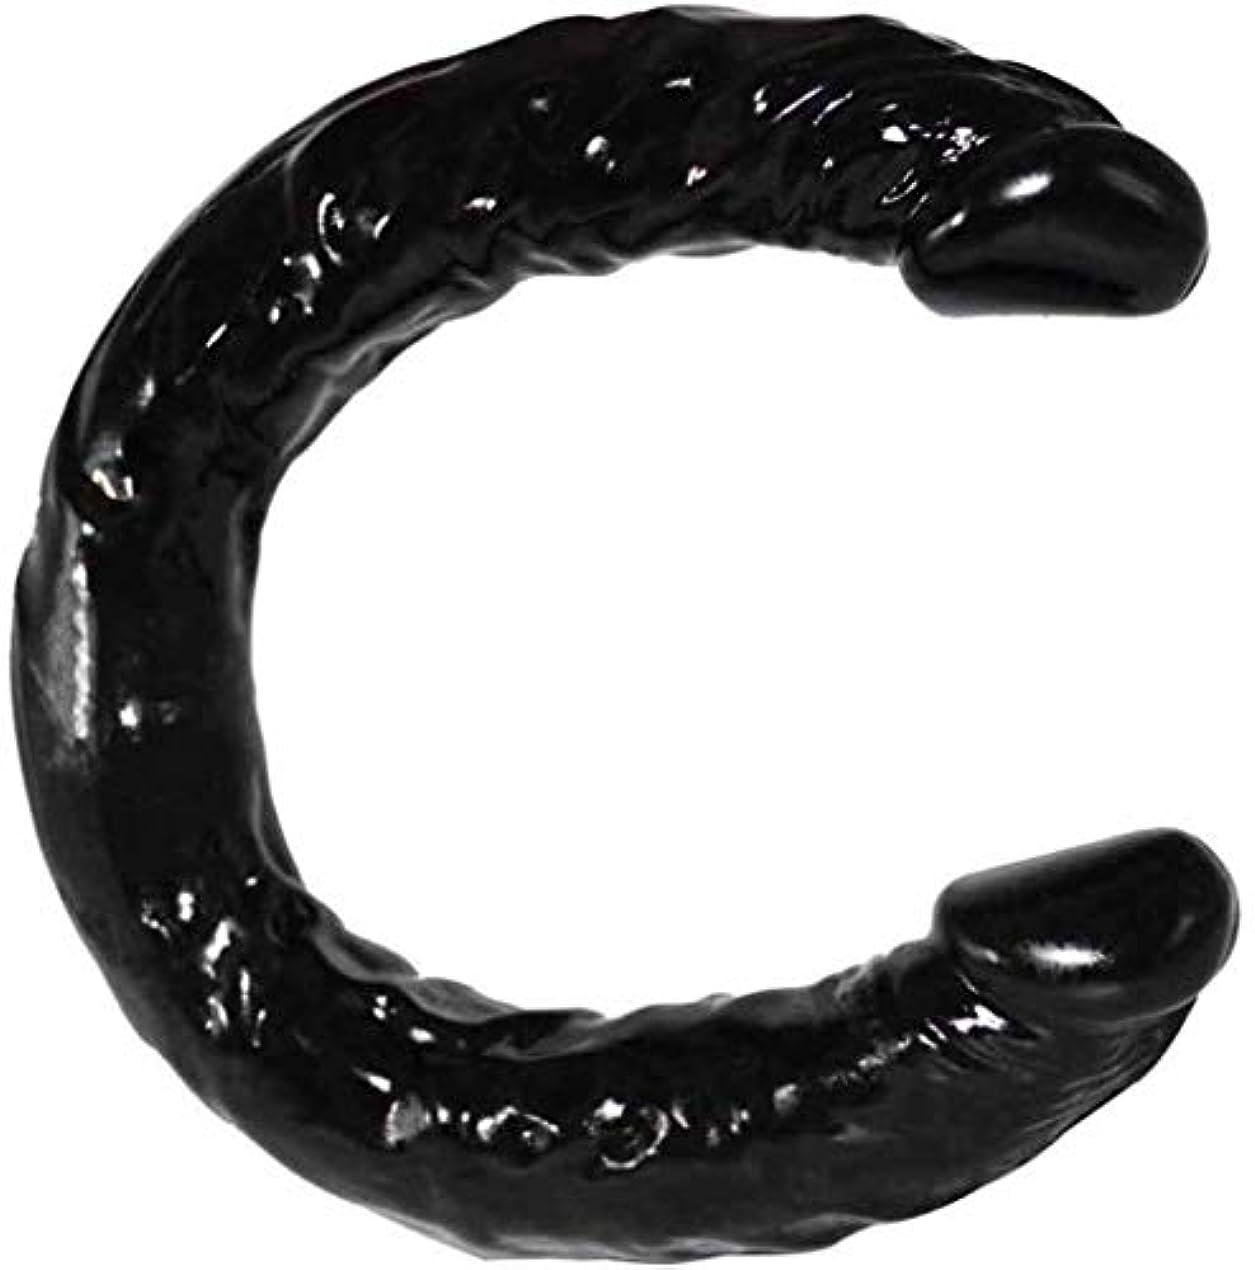 クリスマススロープ終わりハンドヘルドポータブル模擬玩具柔軟な振動が大型玩具ブラックカラーPVC素材をスラスト